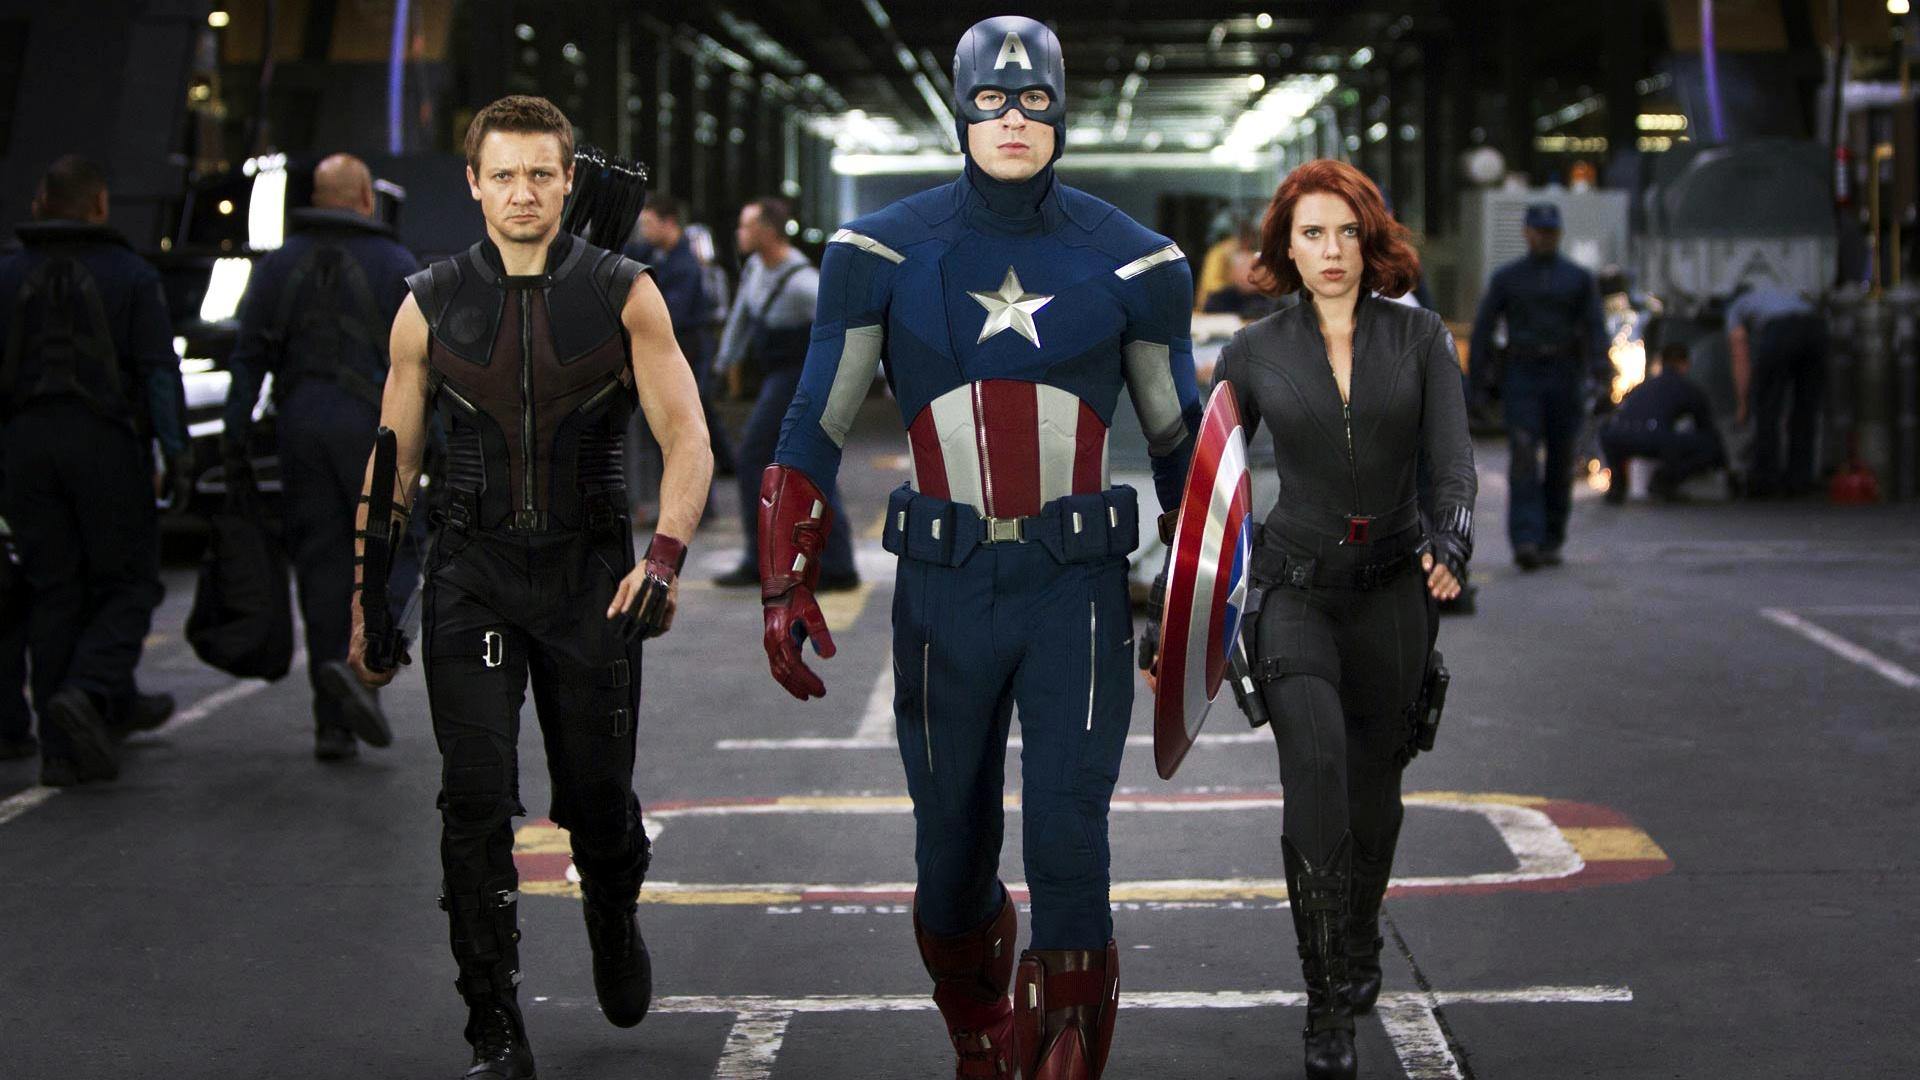 The Avengers Team wallpaper